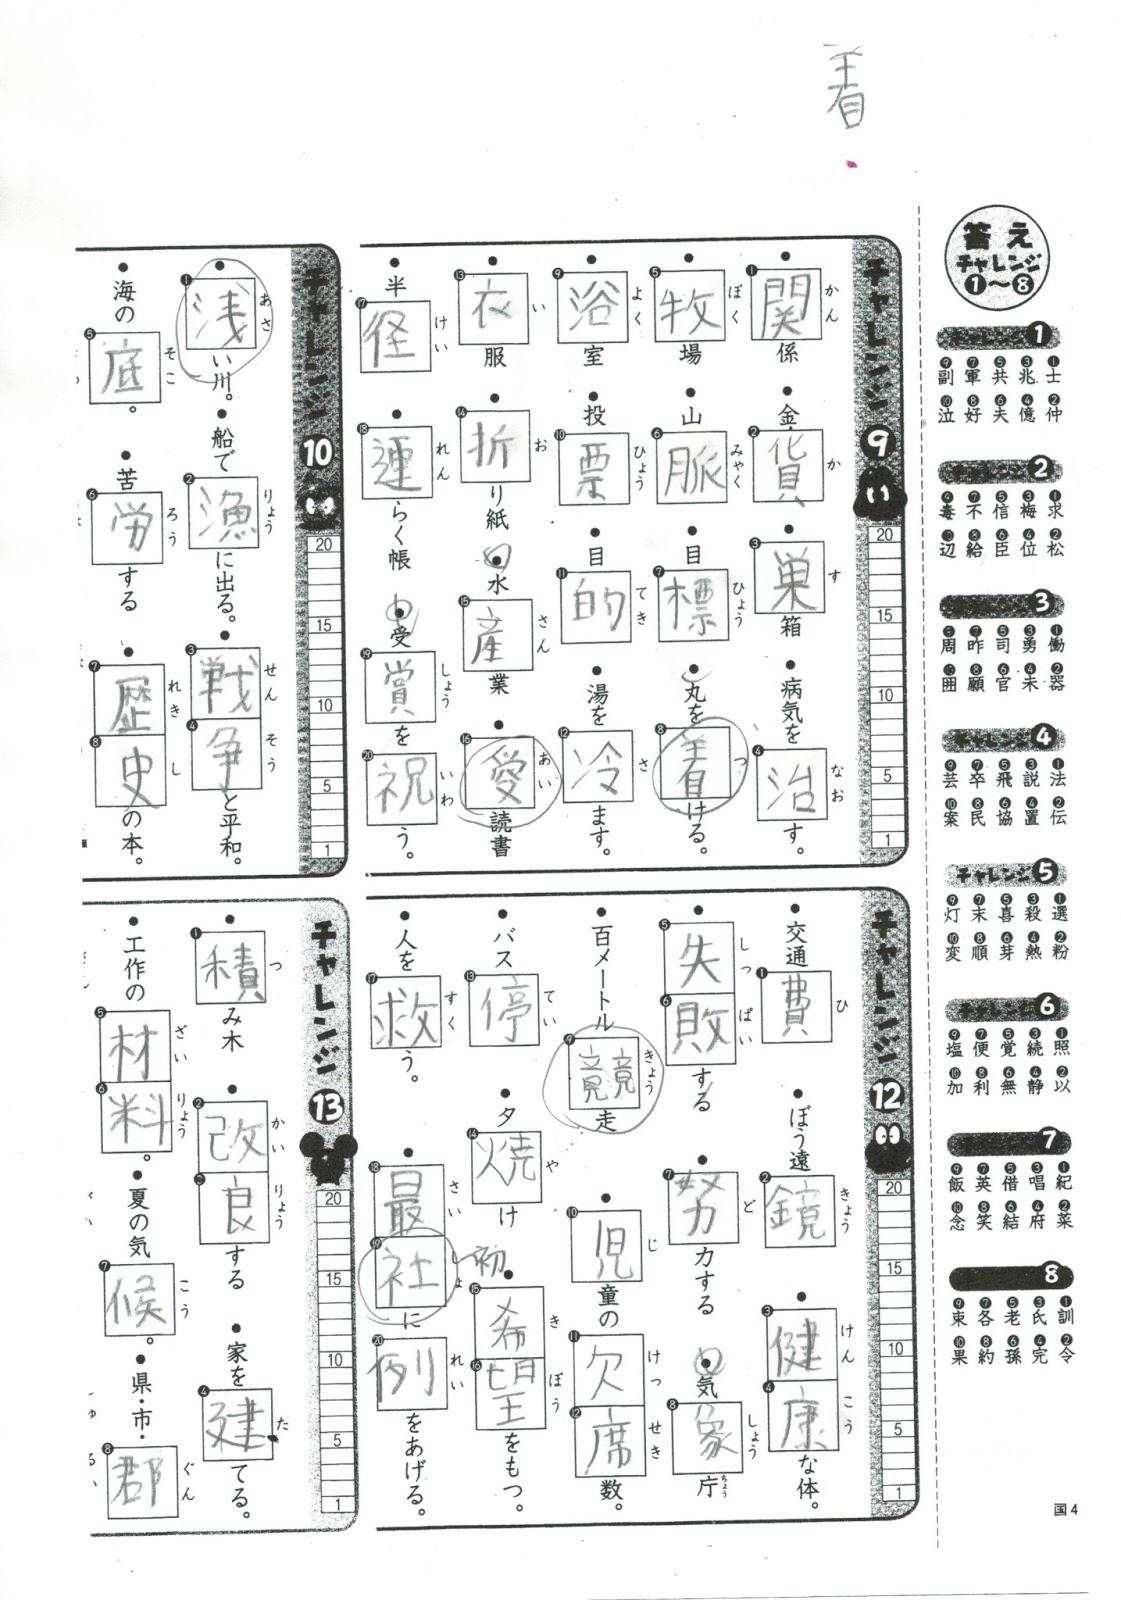 ... 年生のまとめ漢字テスト : 3年生 漢字 テスト : 漢字